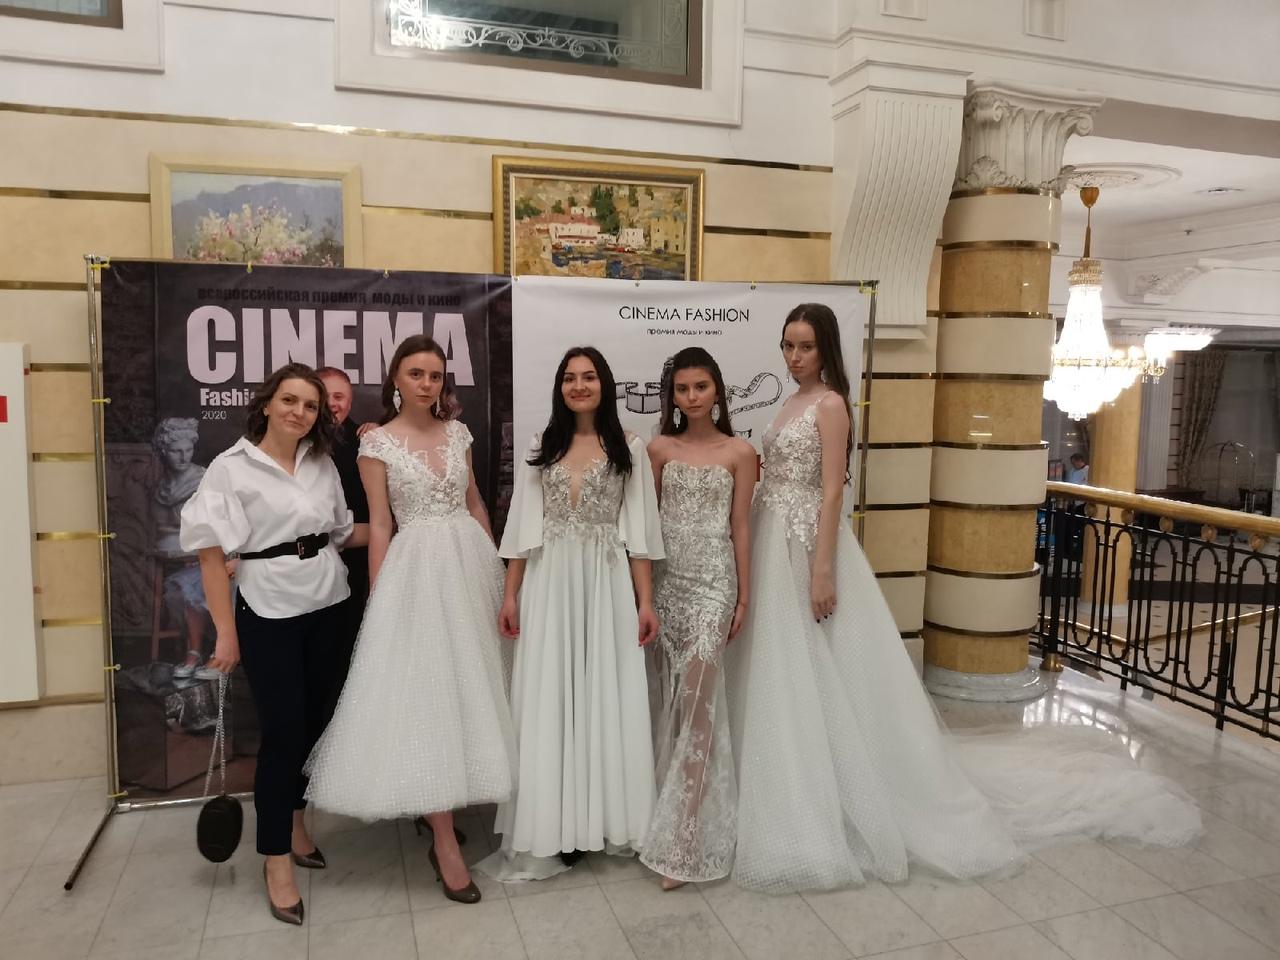 Это фото сделано после конкурса «Кутюр по-русски», где Танзиля (слева) заняла третье место в своей номинации